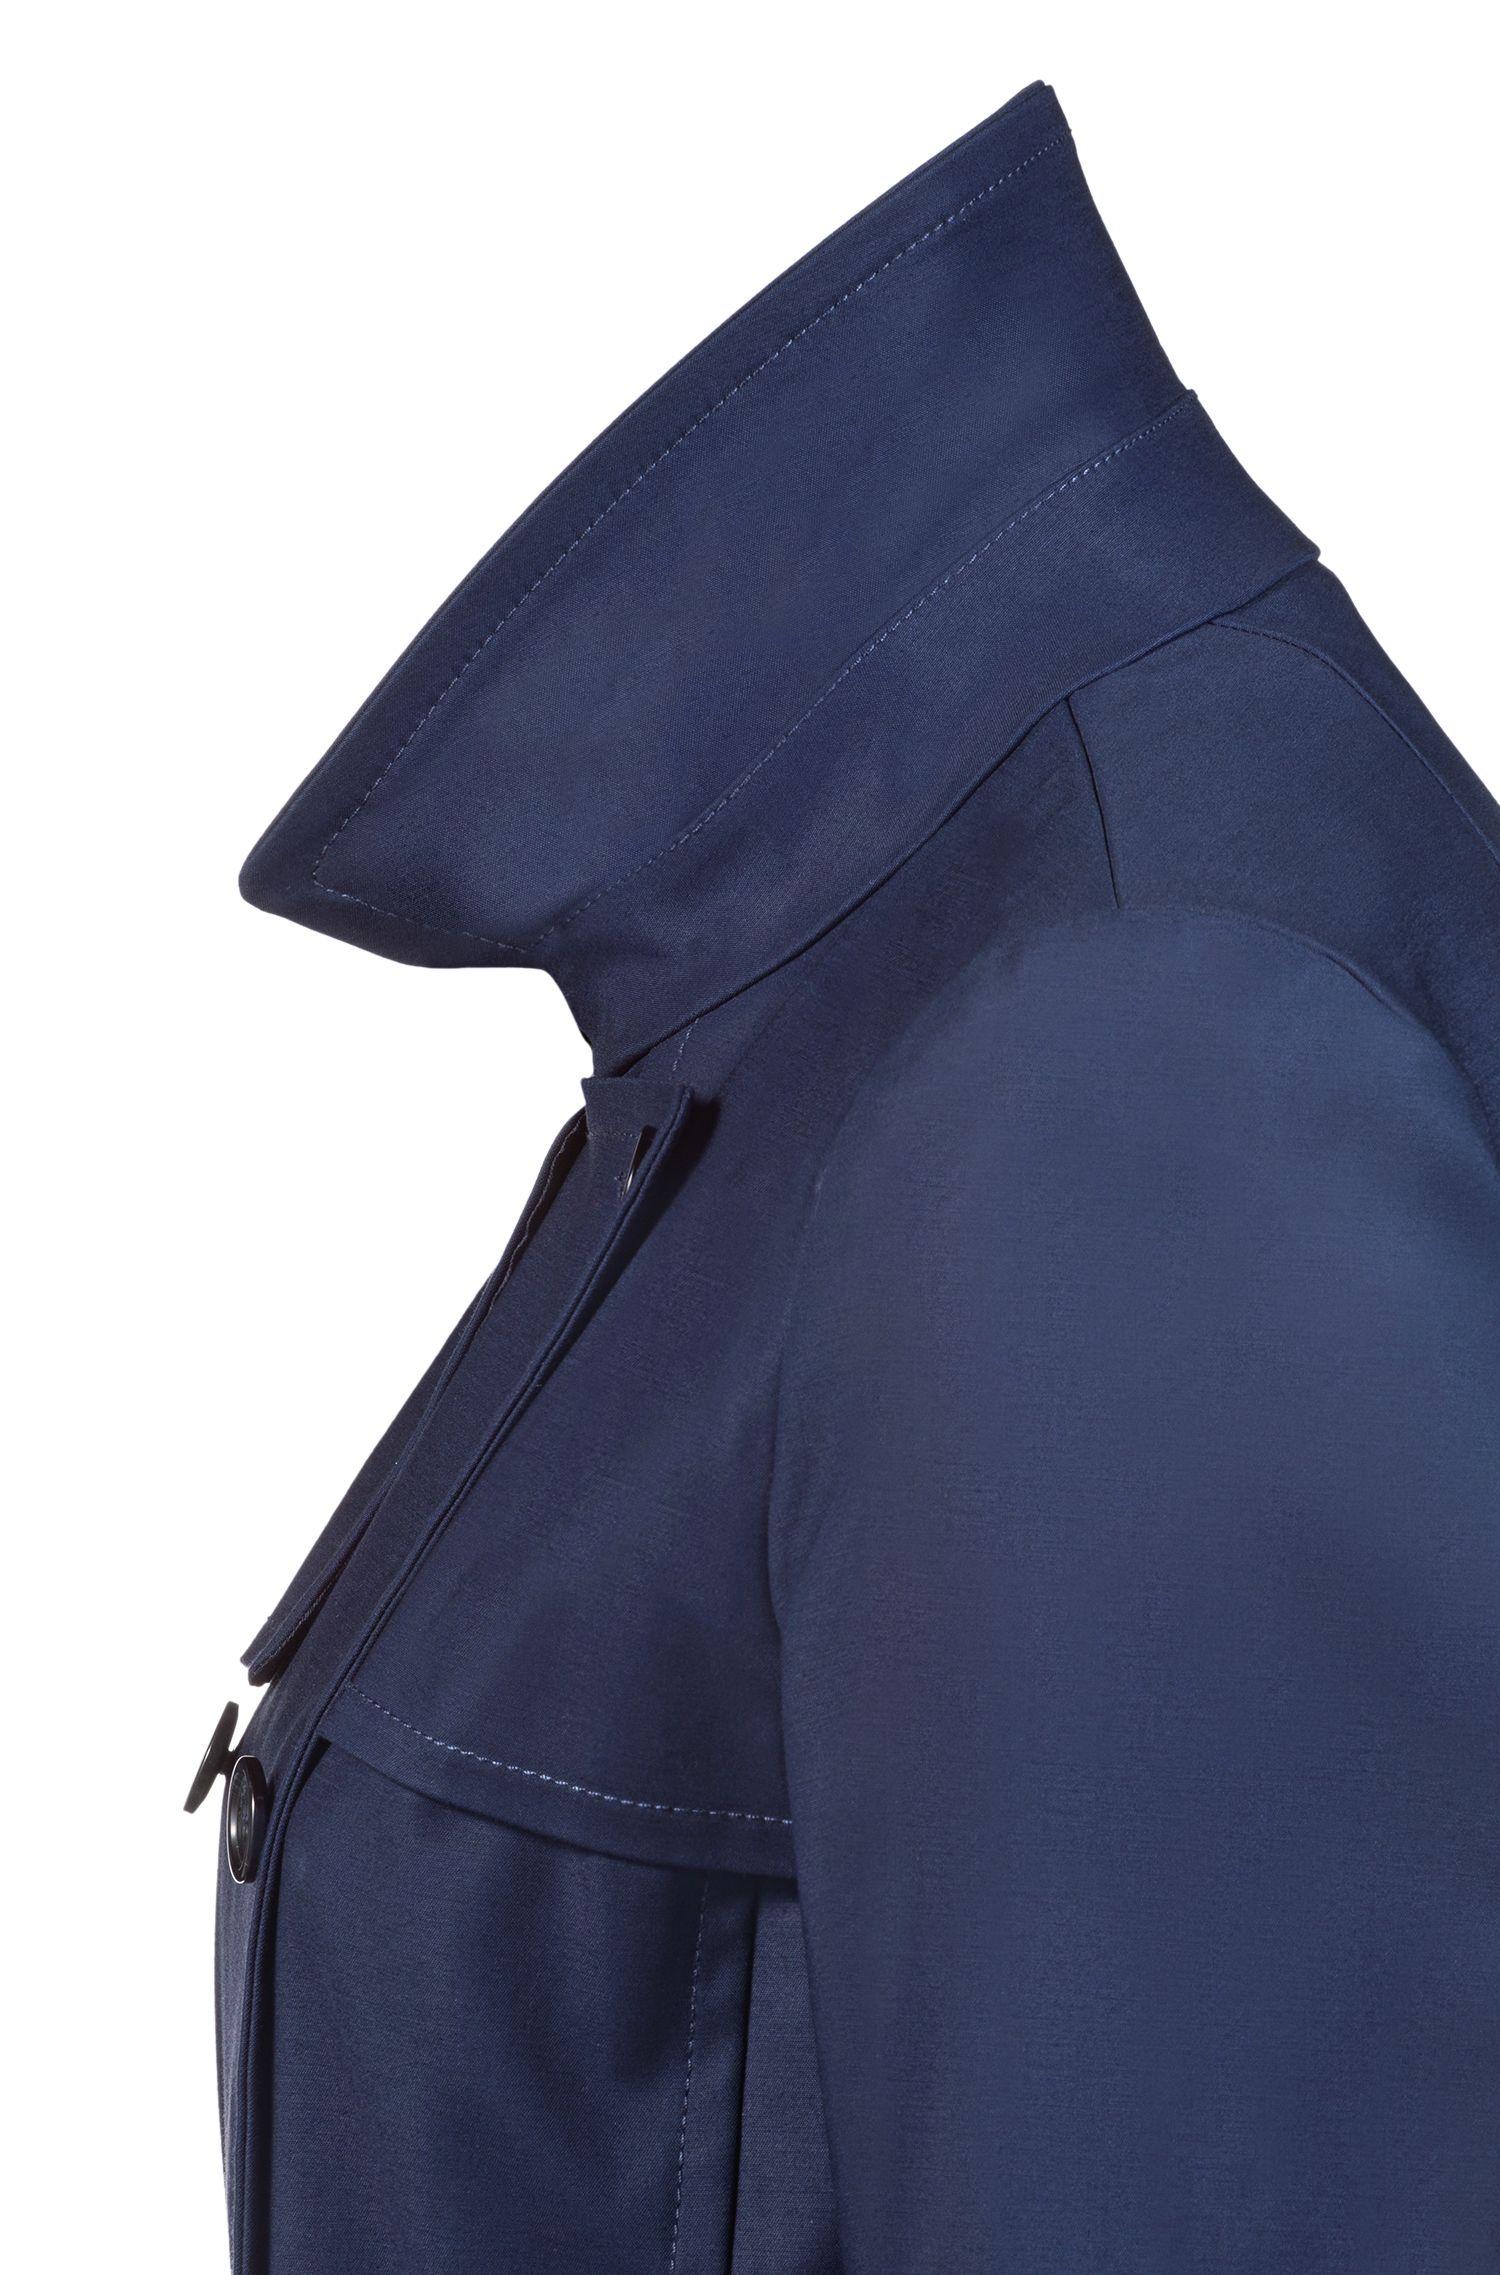 Hugo Boss - Zweireihiger Regular-Fit Trenchcoat aus Stretch-Baumwolle - 5